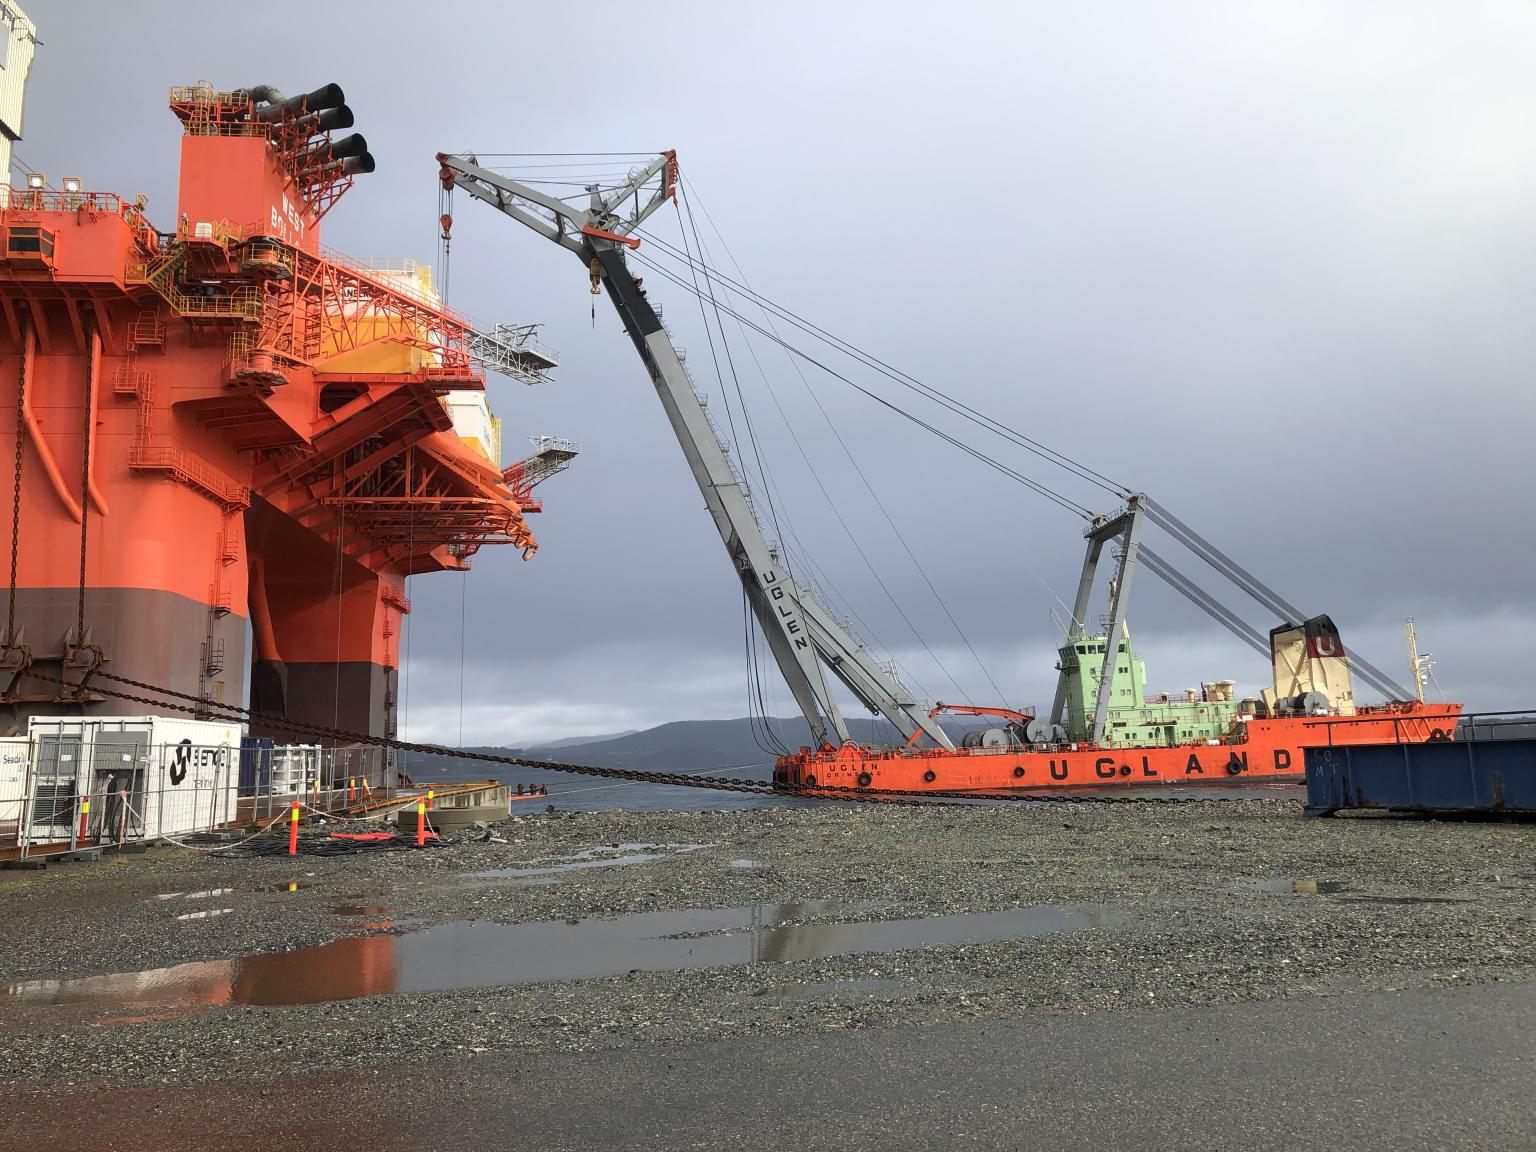 Para vagas offshore em Macaé agência marítima contrata URGENTE Marinheiros de Convés, hoje 14 de abril